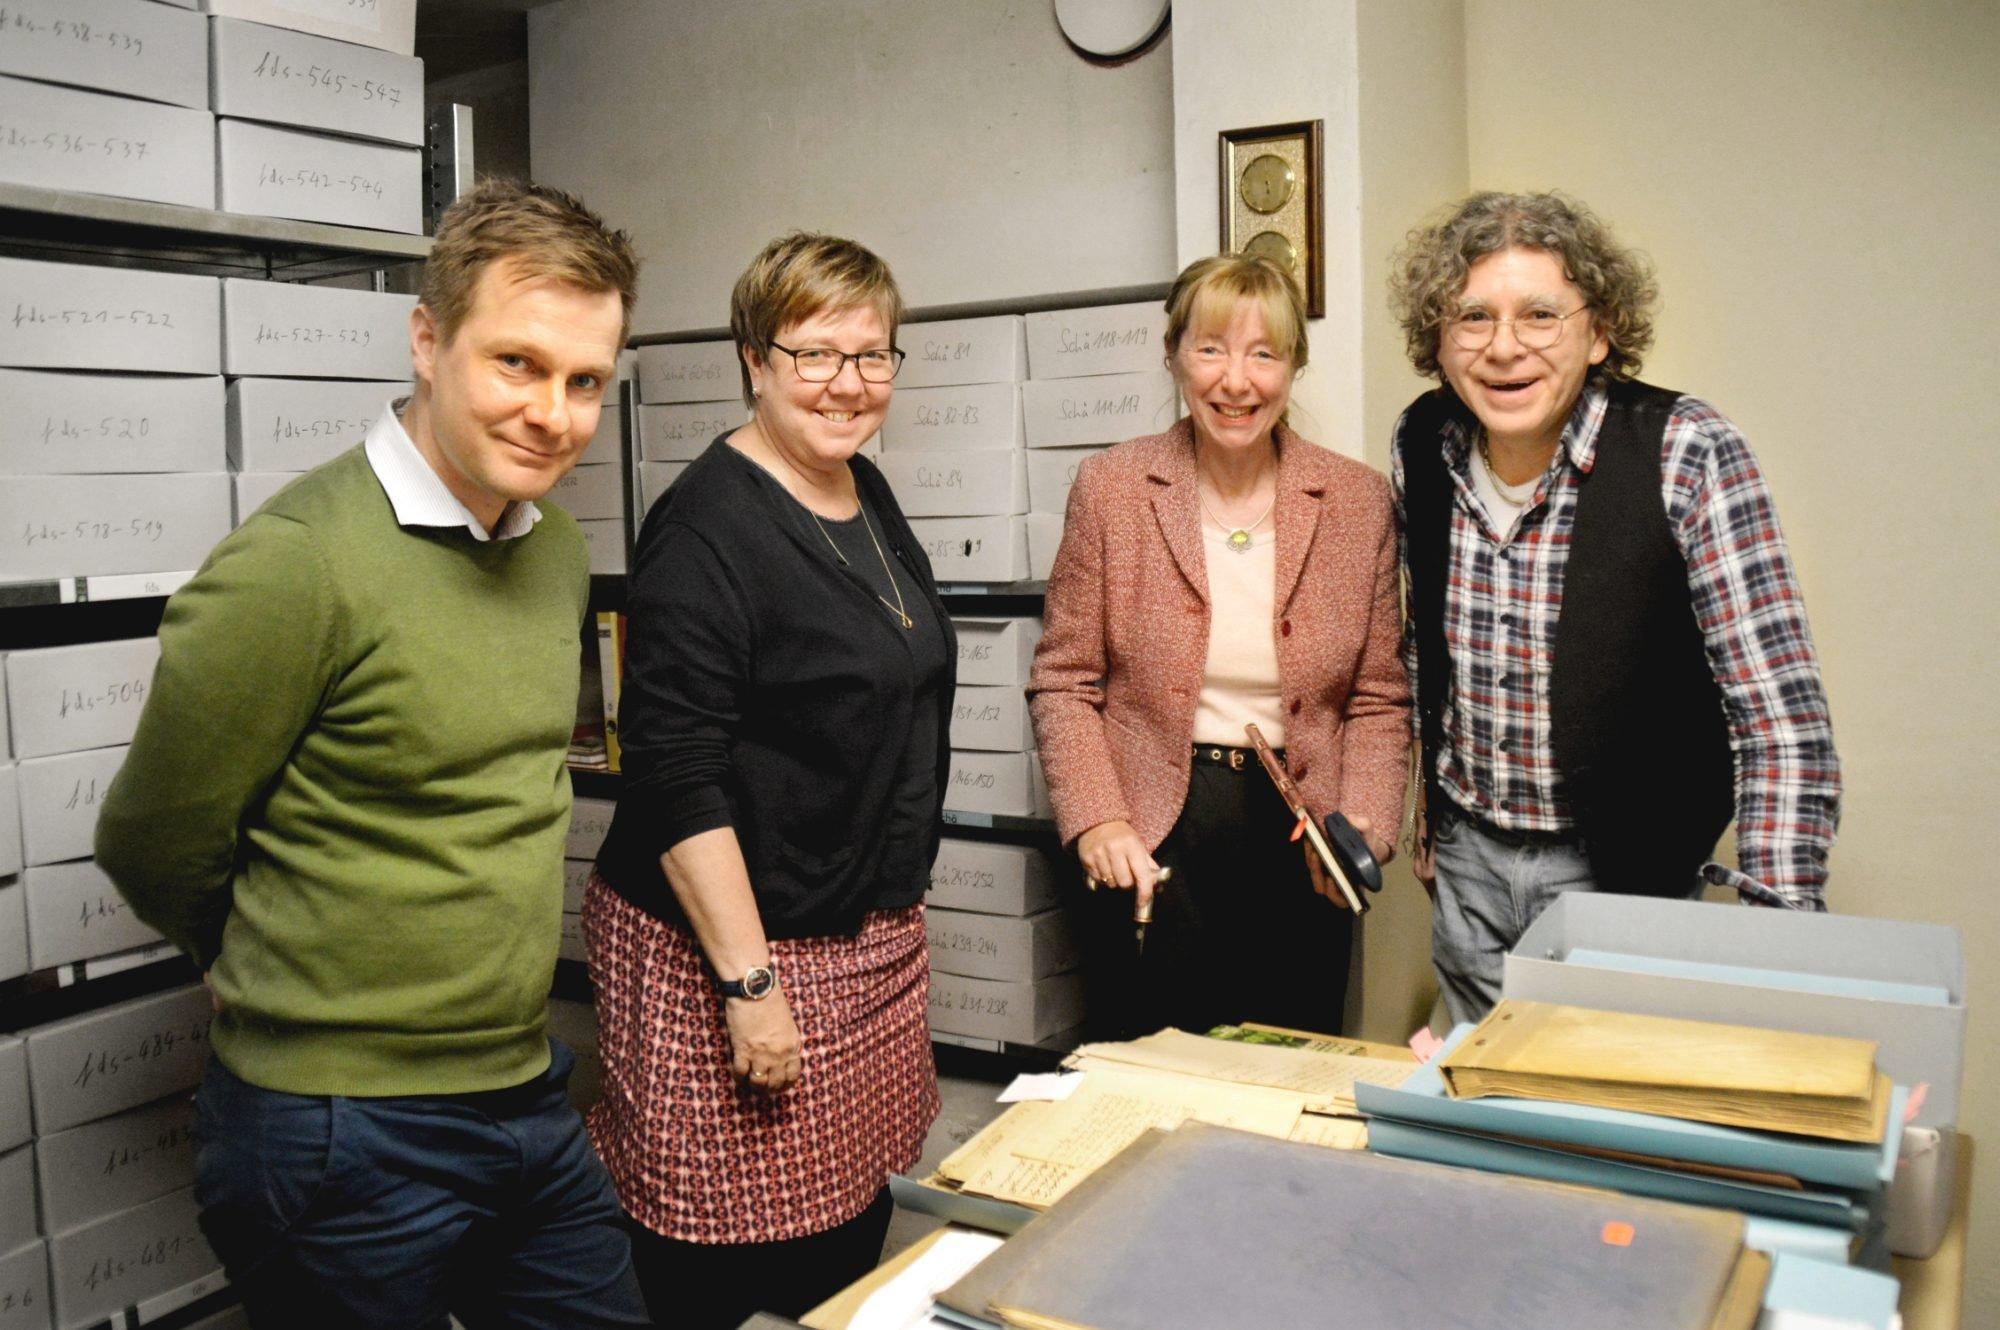 Vier Personen - zwei Männer und zwei Frauen - stehen im Archiv der Fürst Donnersmarck-Stiftung. Vor ihnen auf dem Tisch liegen mehrere alte Akten.